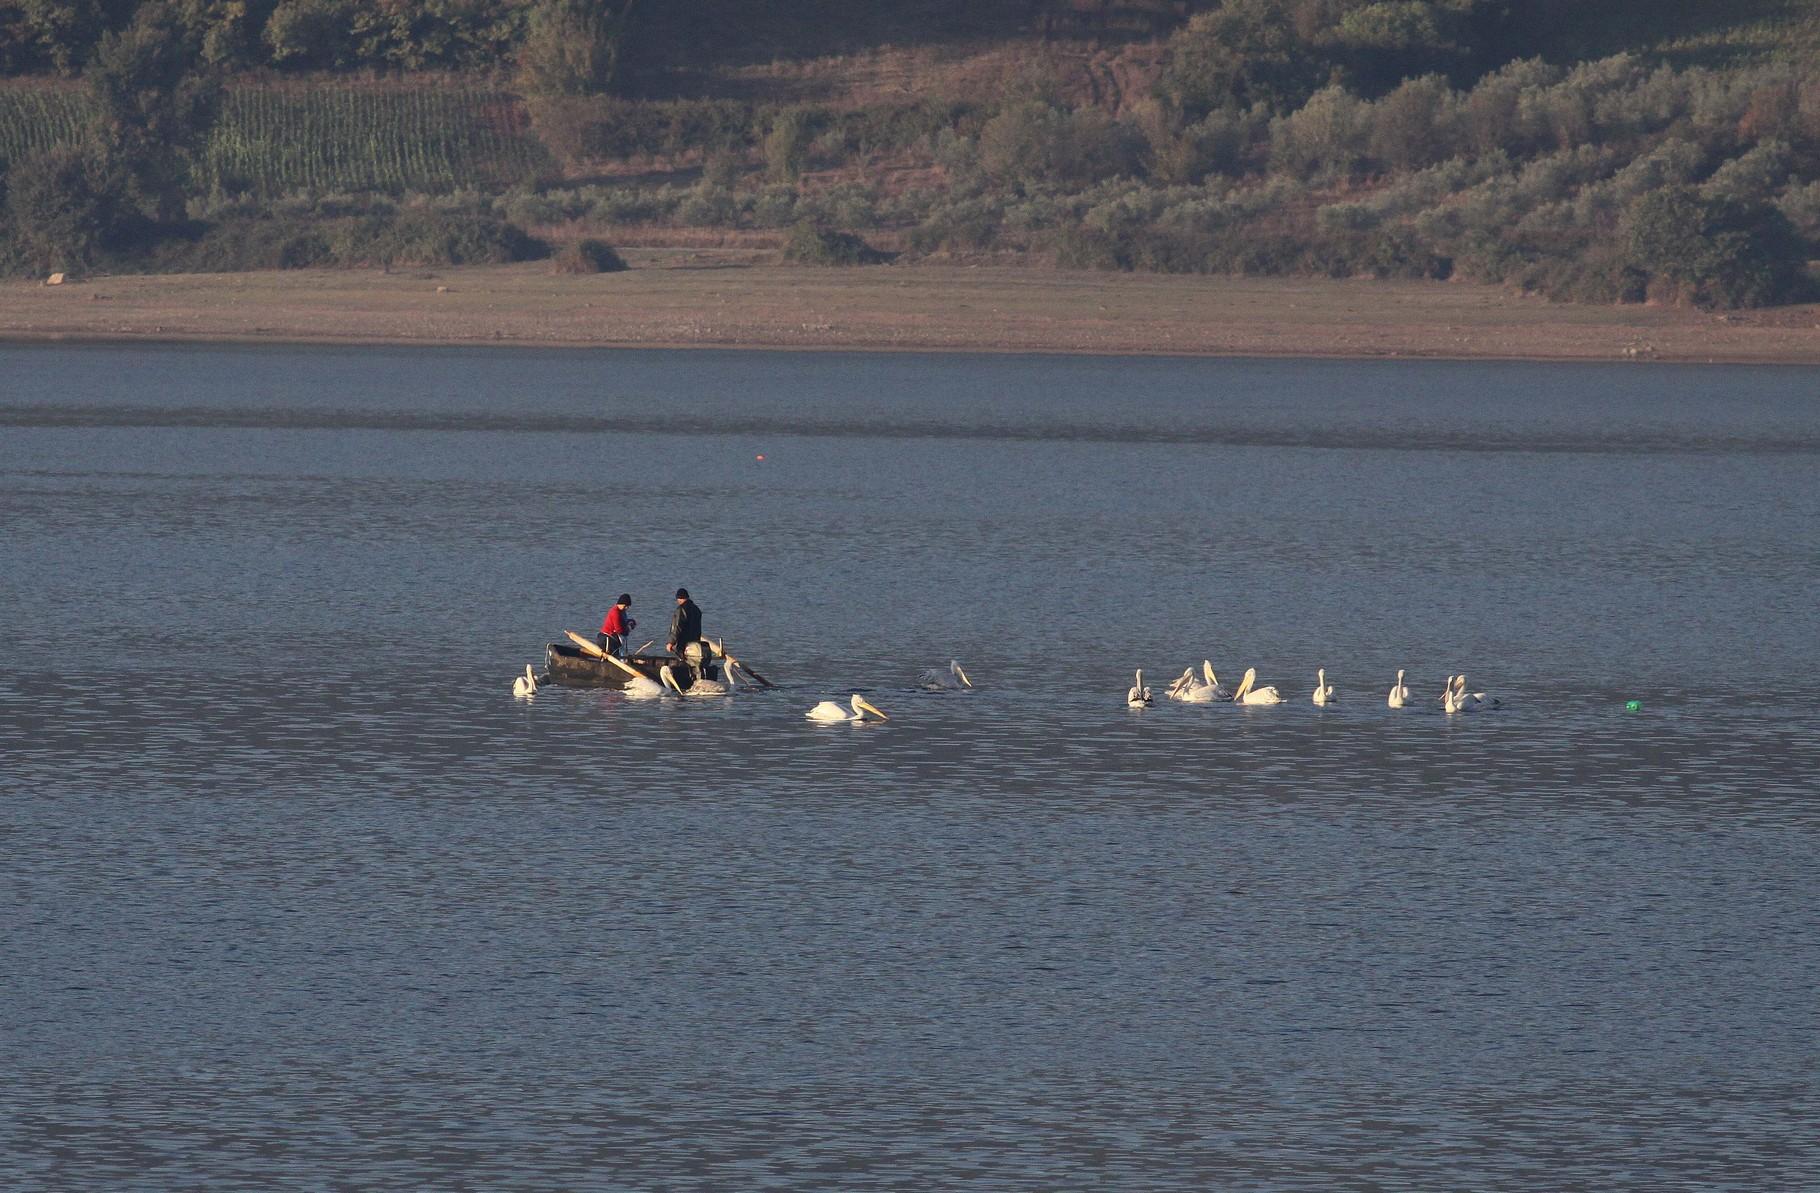 Fischer bei ihrer Arbeit, tolerieren die sie begleitenden Pelikane